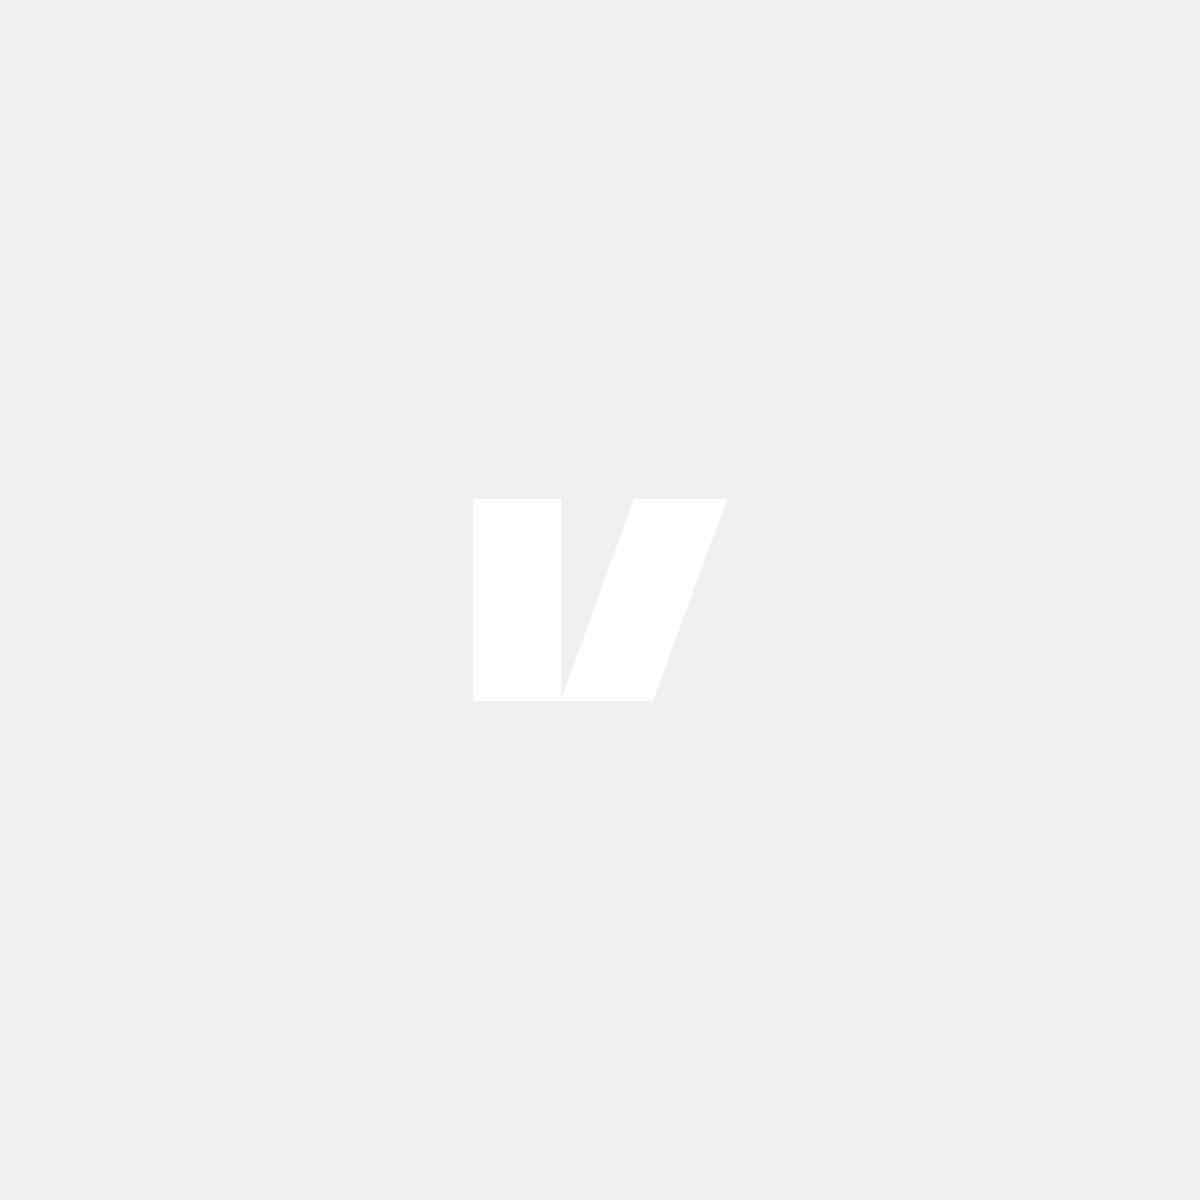 R-grill till Volvo V70R, S60R 04-